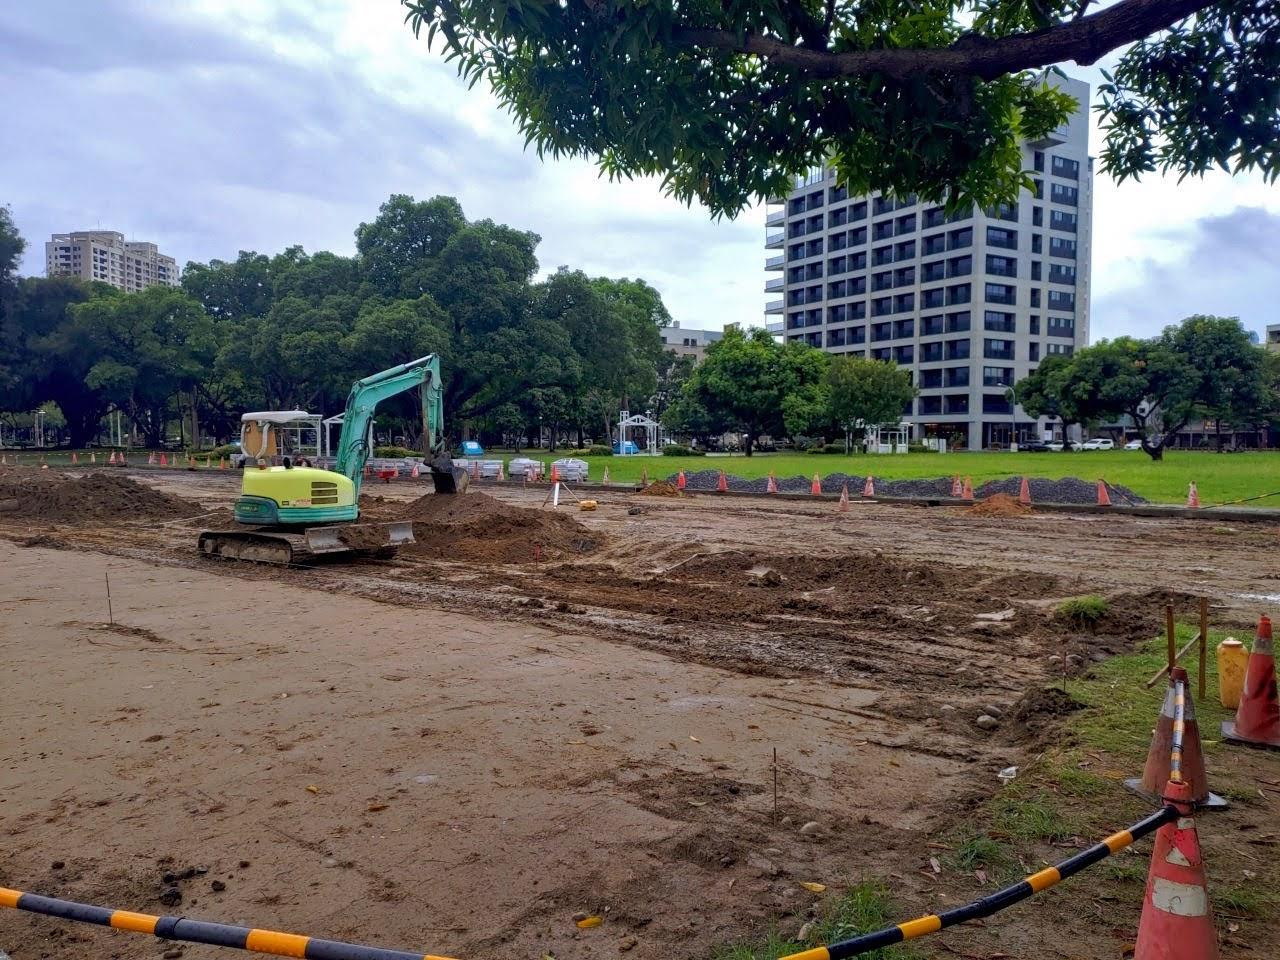 開元轉運站不蓋了 原台南美國學校綠地被建設公司標走